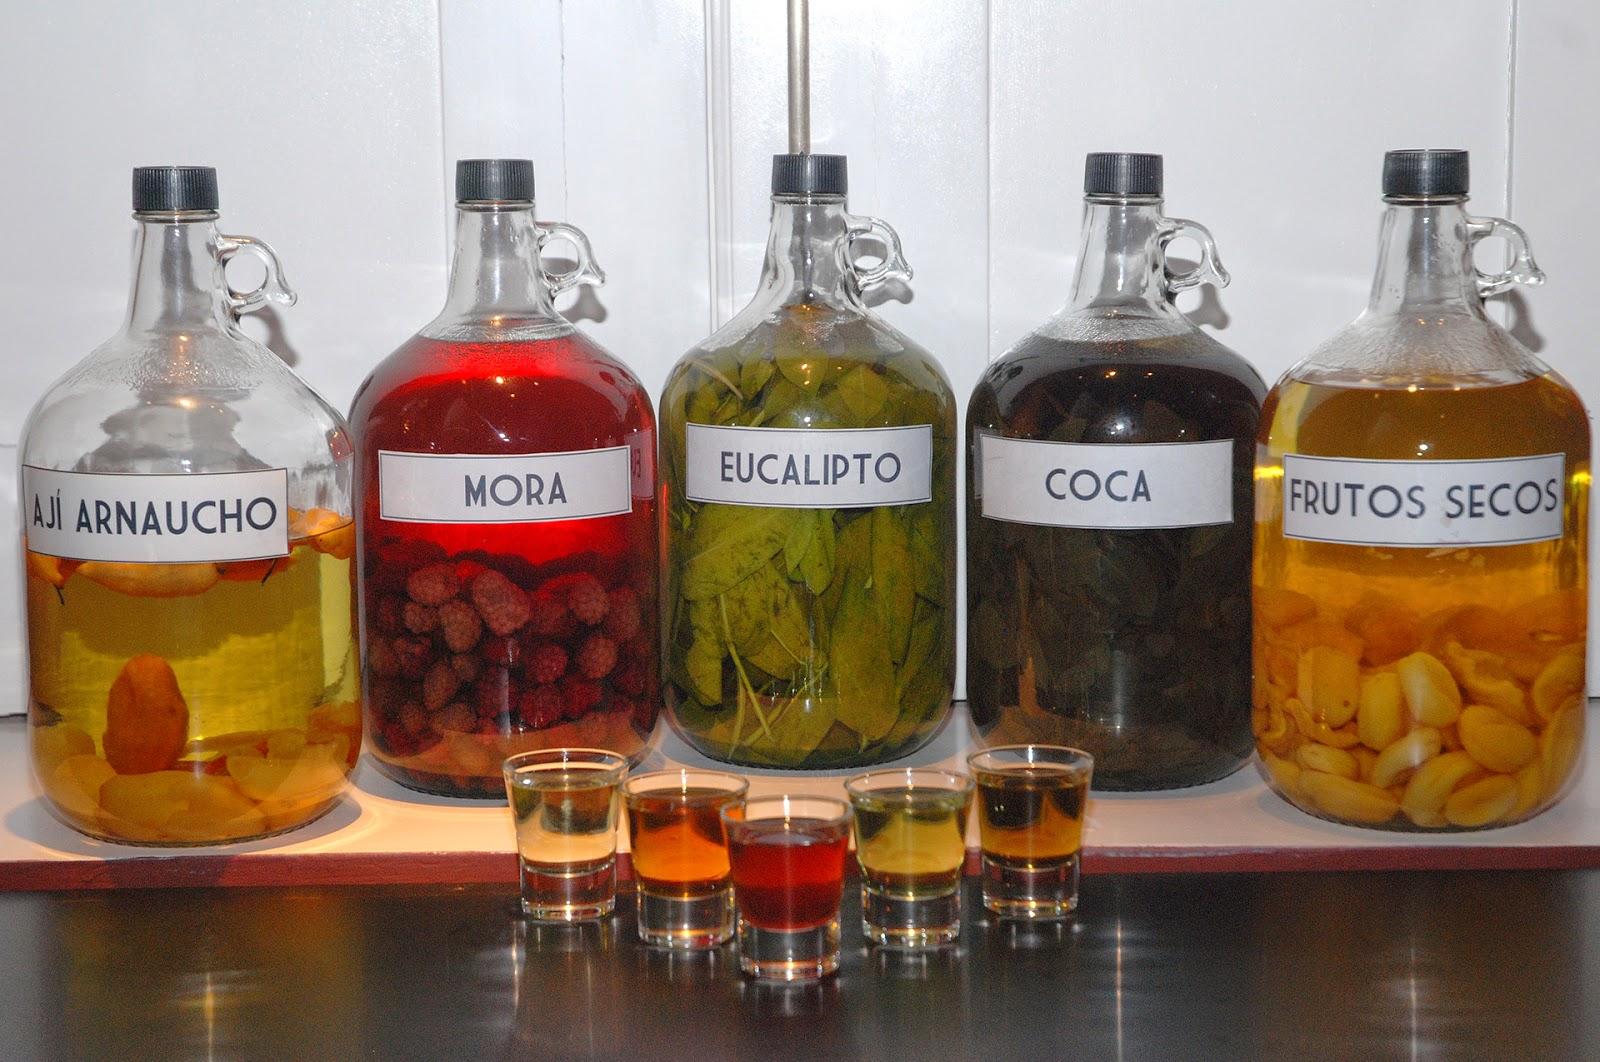 extraccion de alcaloides esteroidales